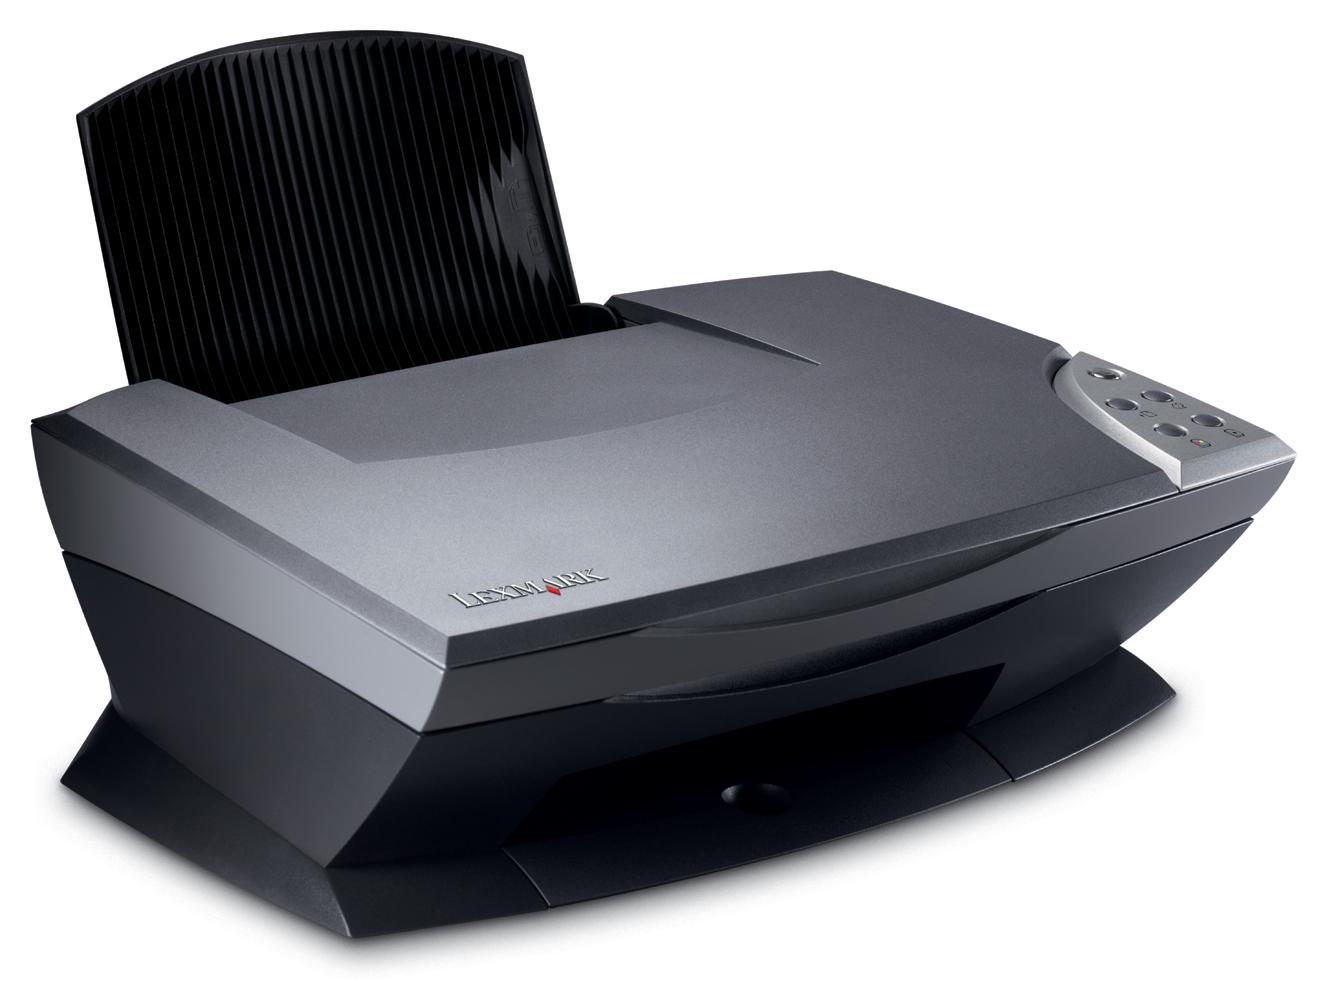 Скачать драйвер для принтера lexmark x1100